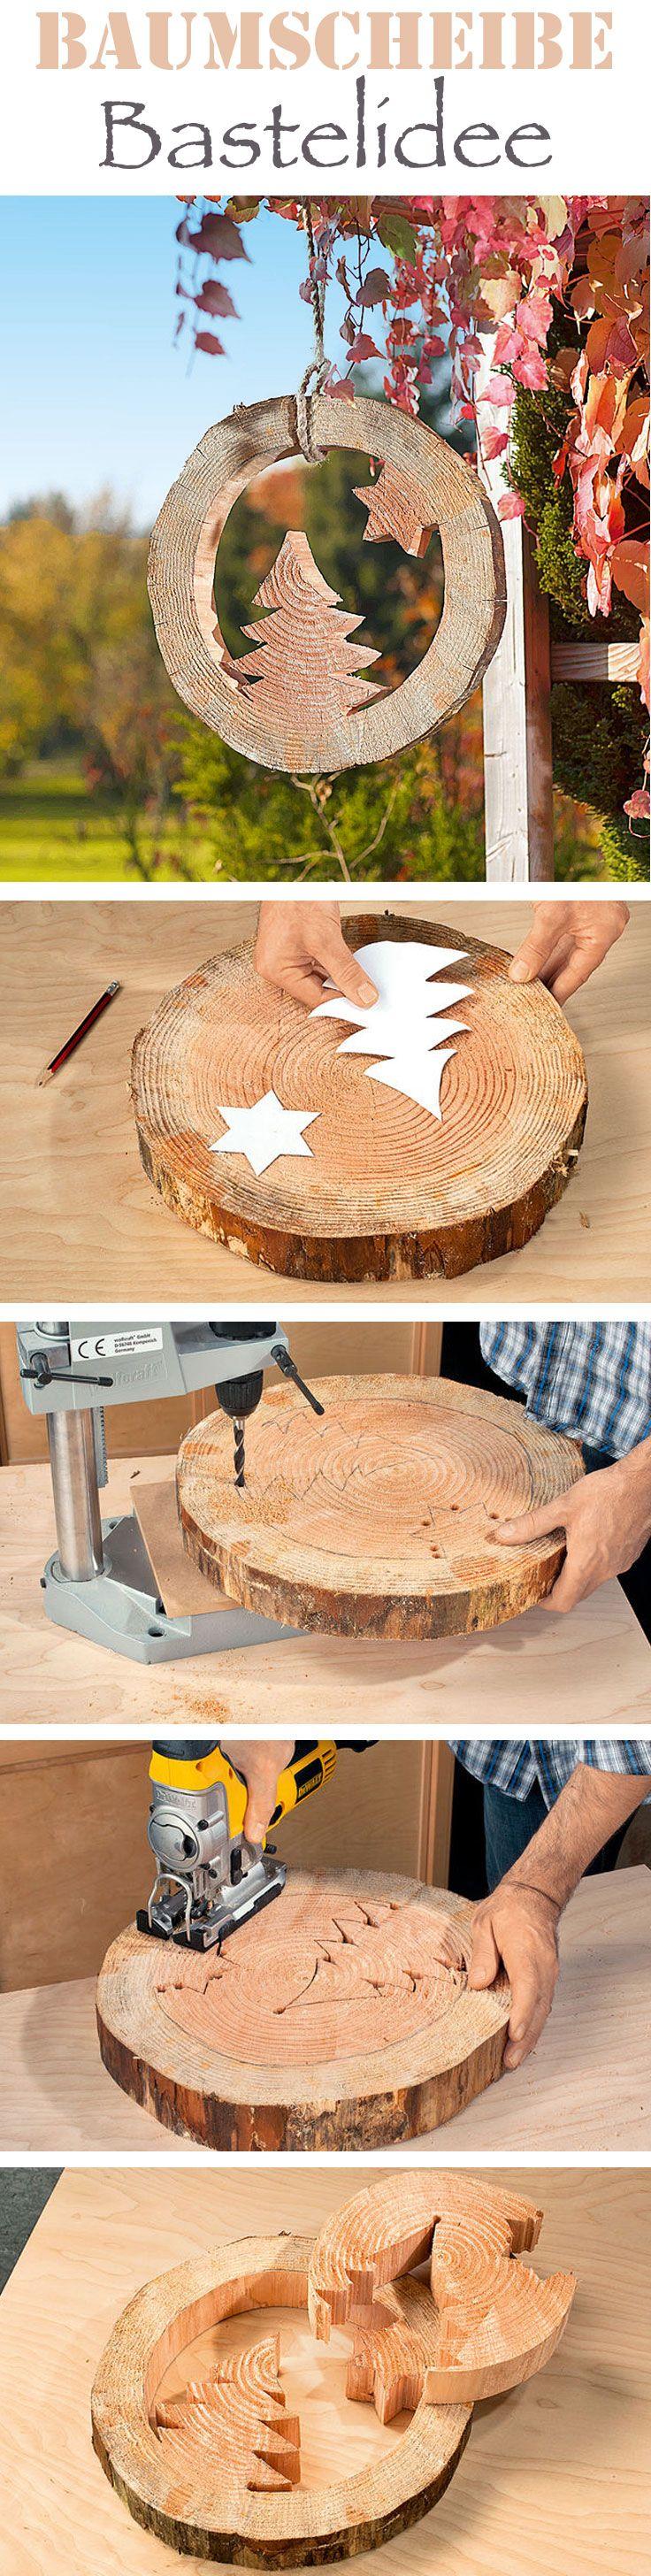 Deko mit Holz ist voll im Trend. Aus Baumscheiben kann man schicke Dekostücke für Herbst und Winter zaubern. Wir zeigen, wie man die Fensterdekoration mit der Baumscheibe selbst macht.